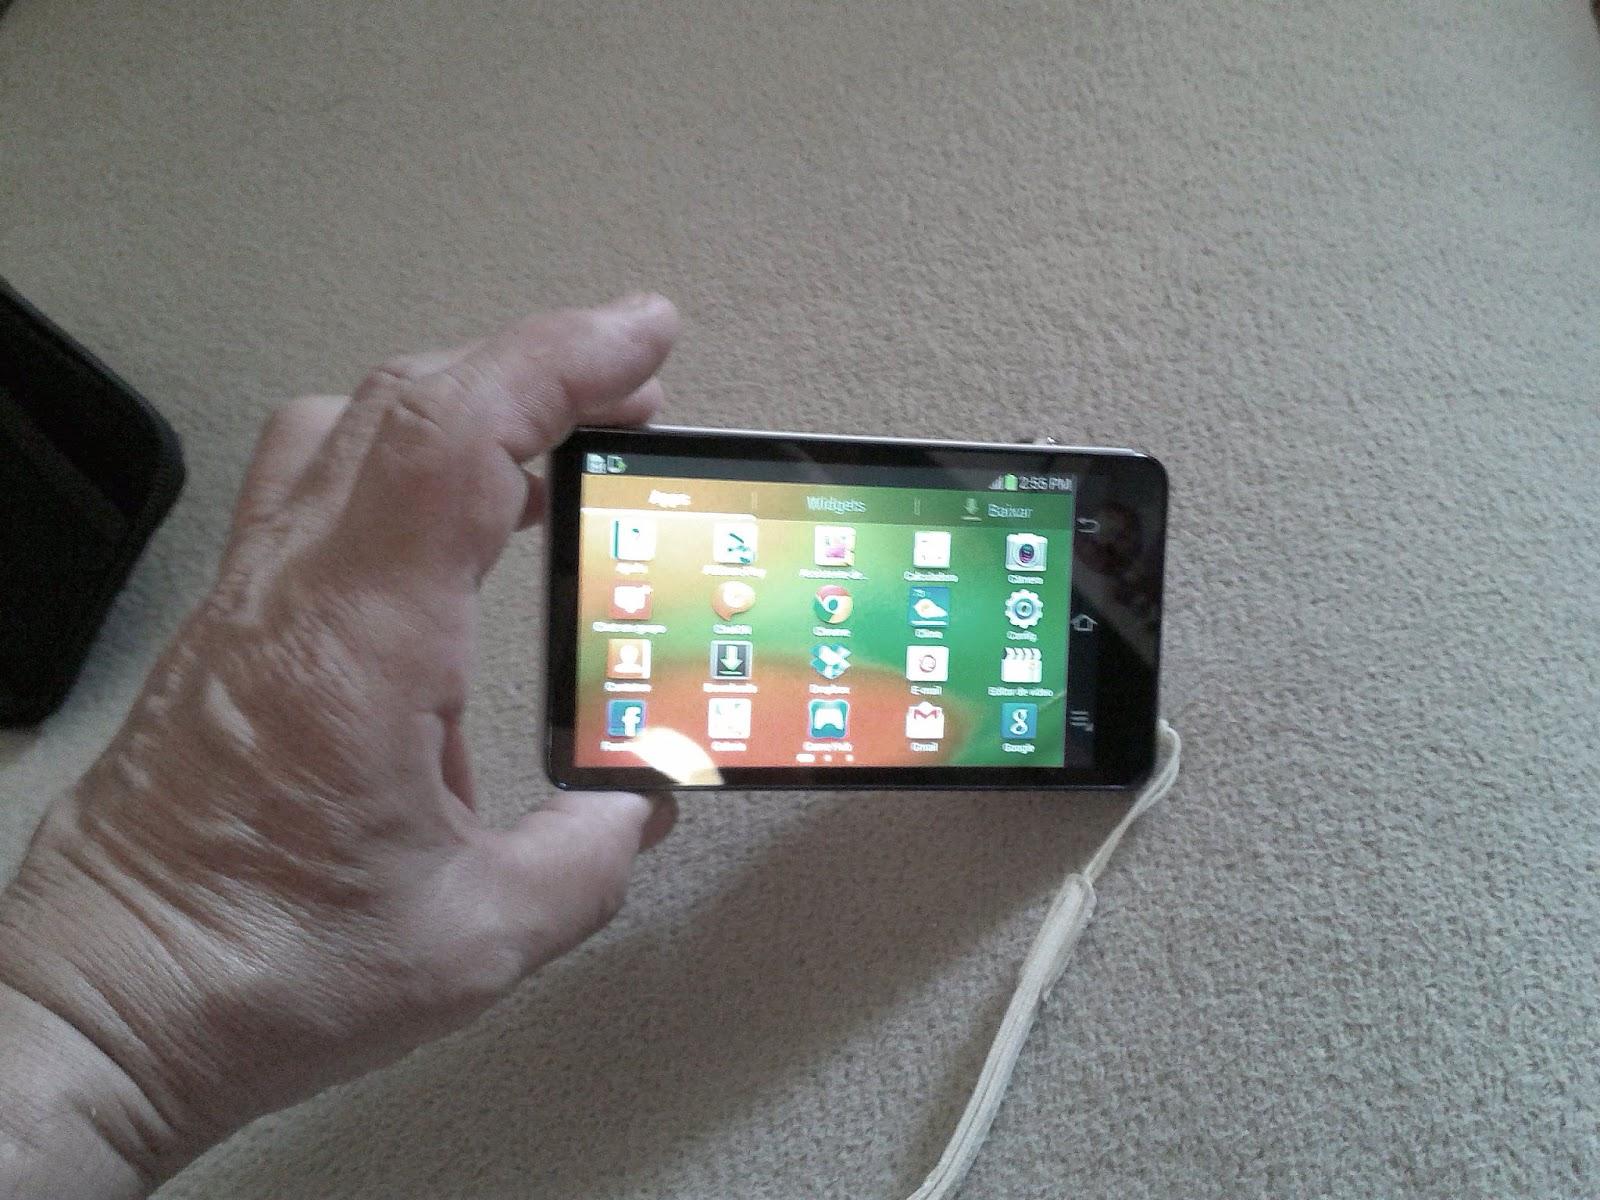 Download tela quebrada imagem para Symbian Softonic - imagens para celular de tela quebrada